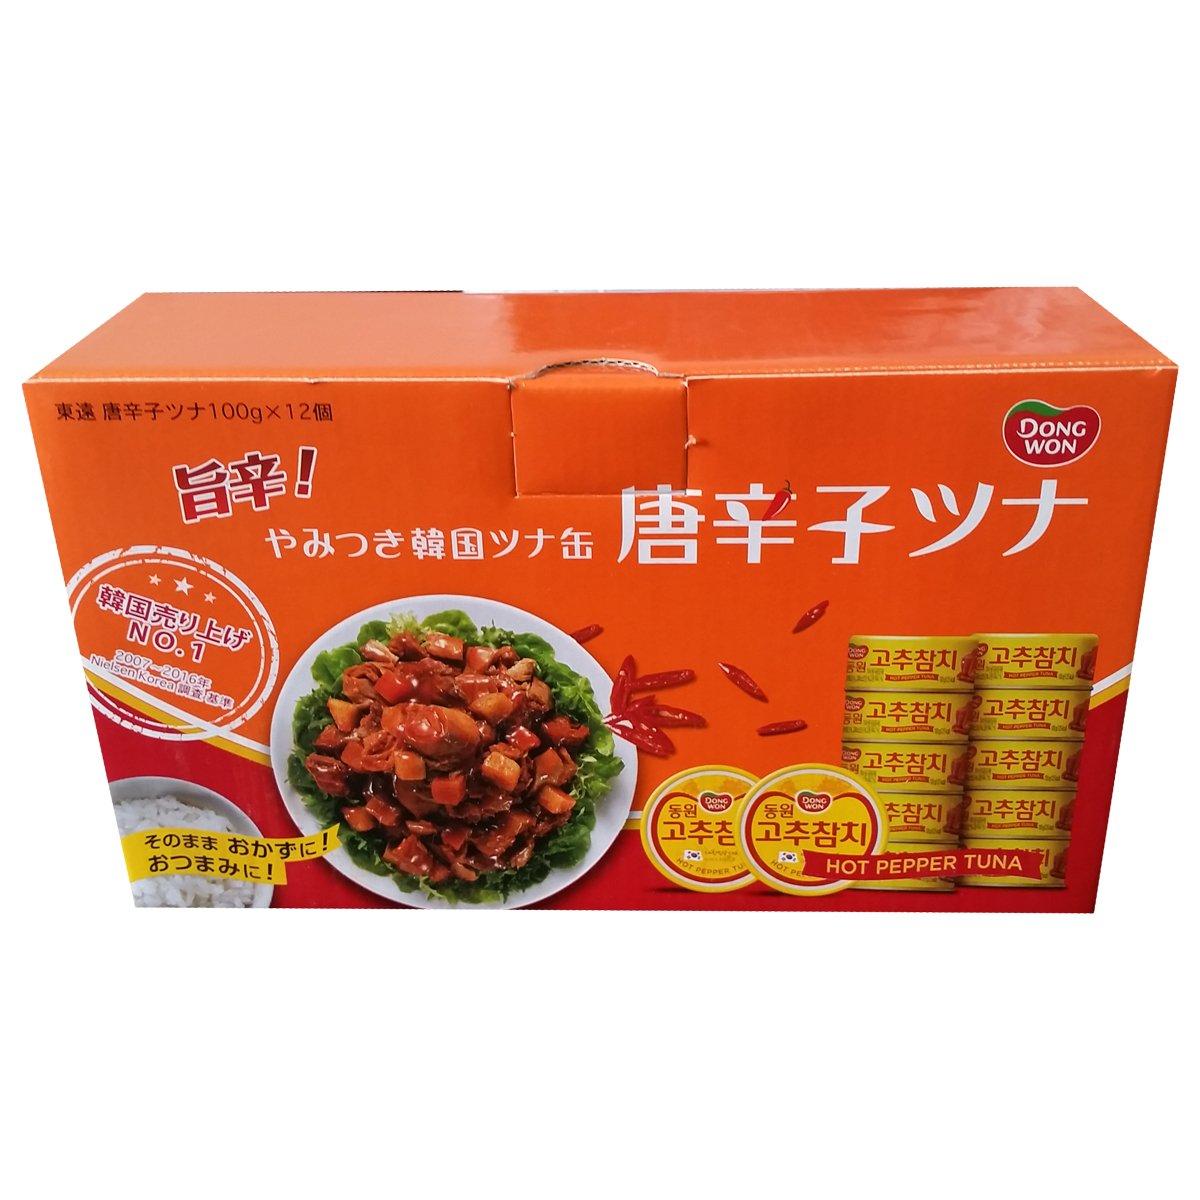 唐辛子ツナ缶 ピリ辛ツナフレーク 100gx12缶入り 《》【RCP】